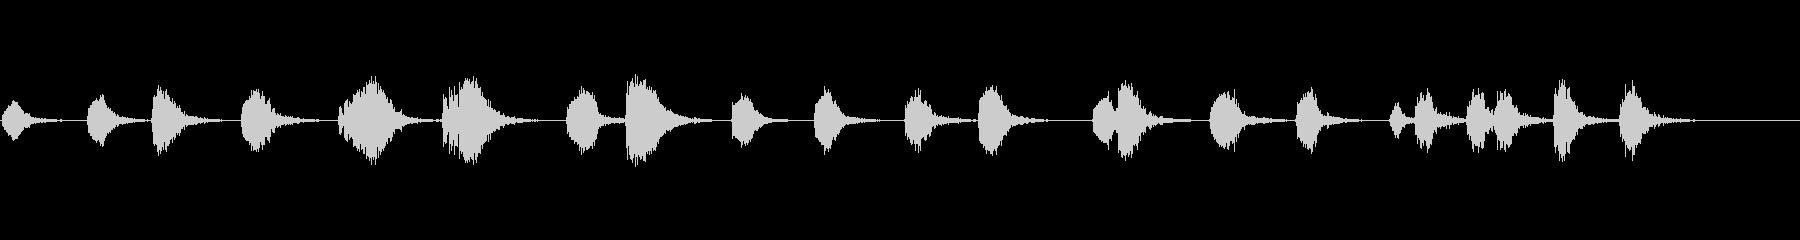 レーザーブラスト、リバーブあり:A...の未再生の波形